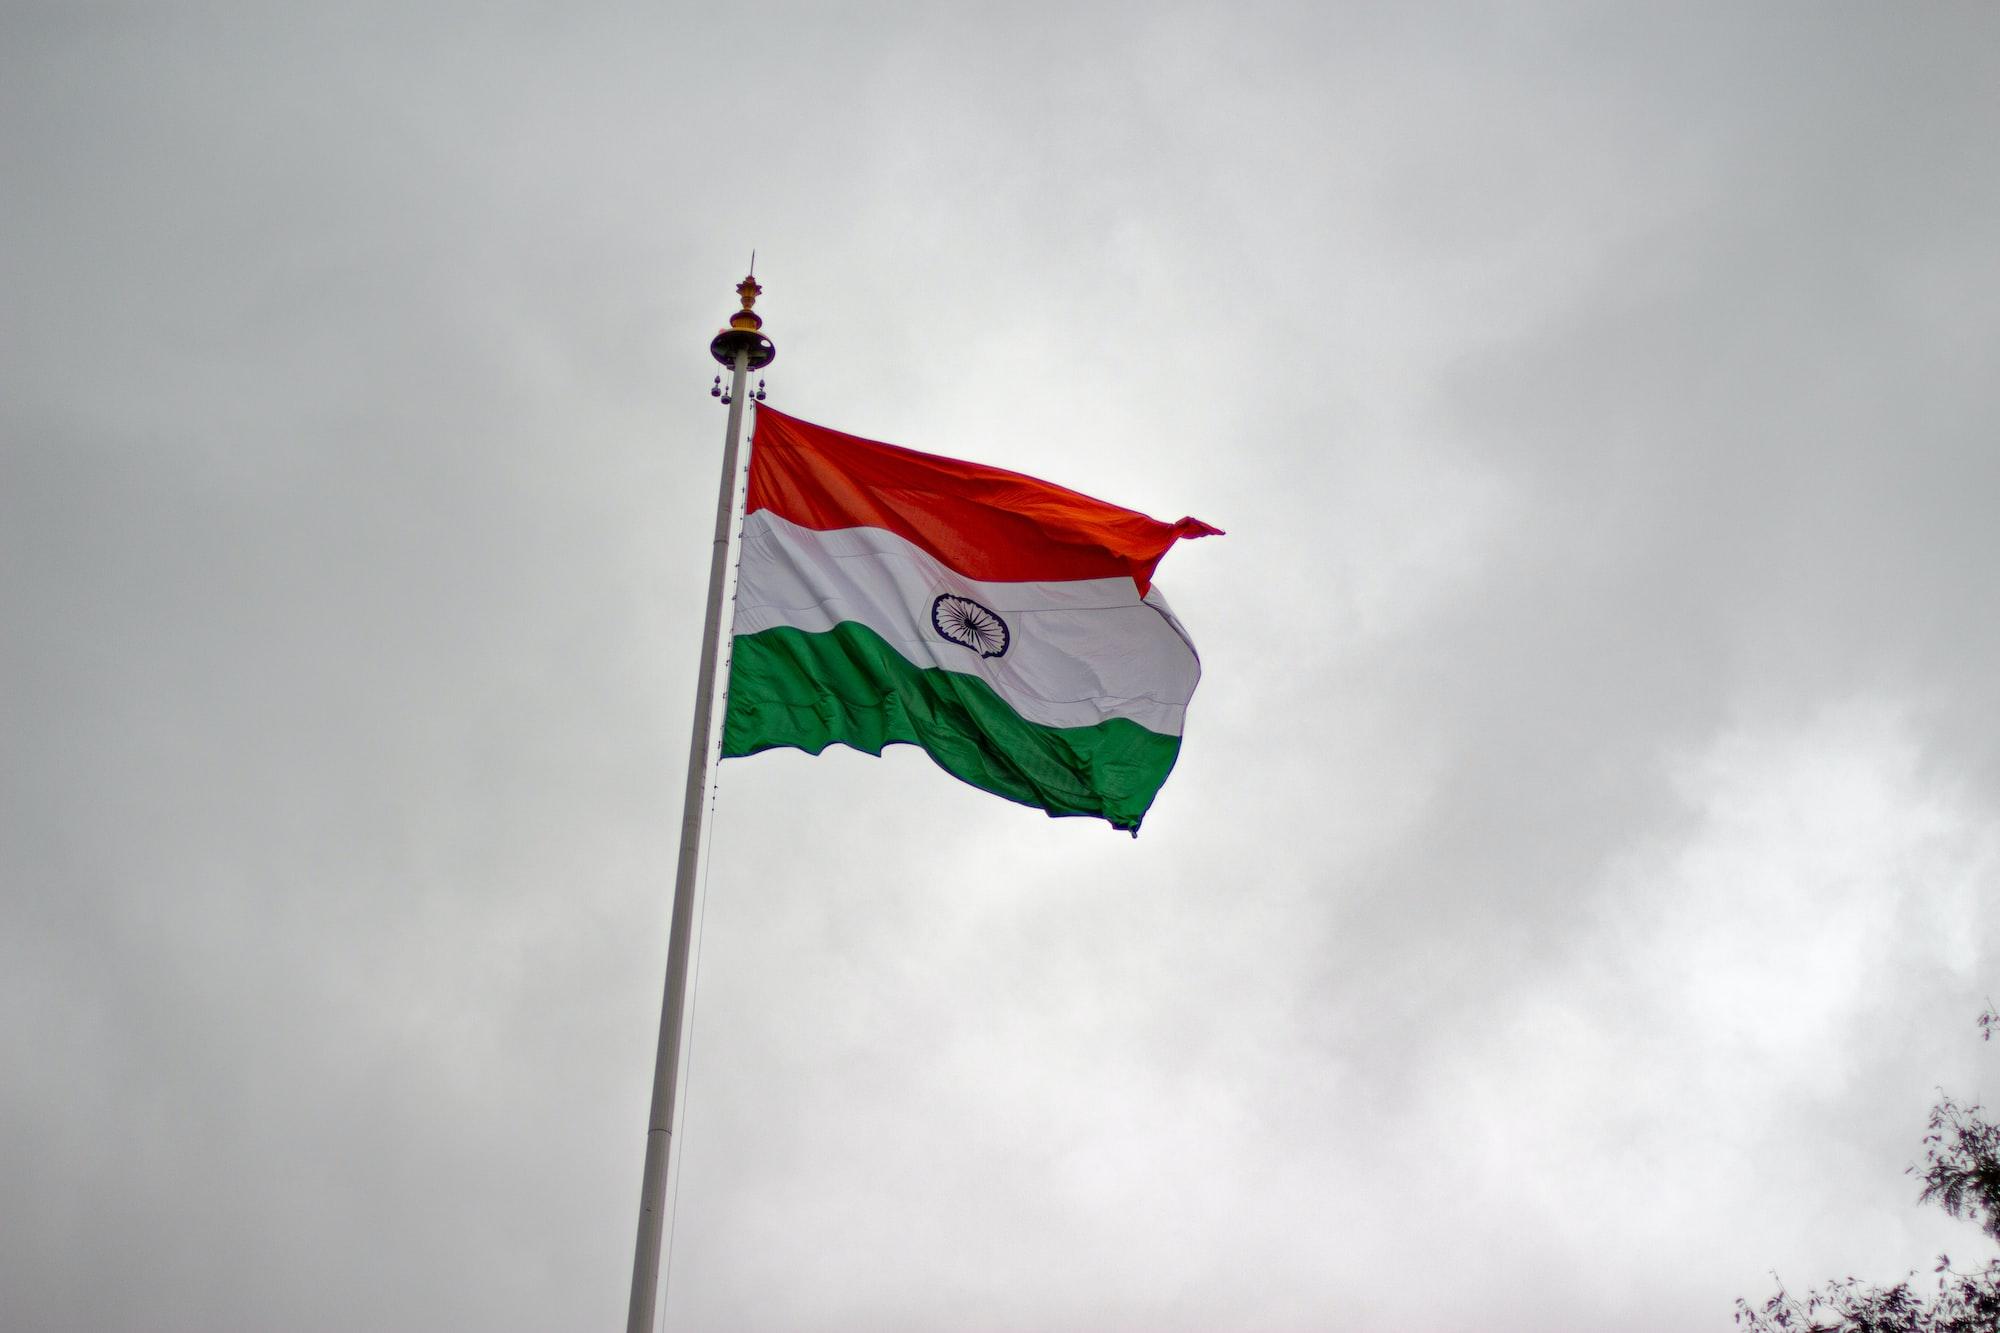 स्वतंत्रता की 75वीं वर्षगांठ : टोरोंटो के 75 वरिष्ठ भारतीय दिग्गजों को विशेष सम्मान